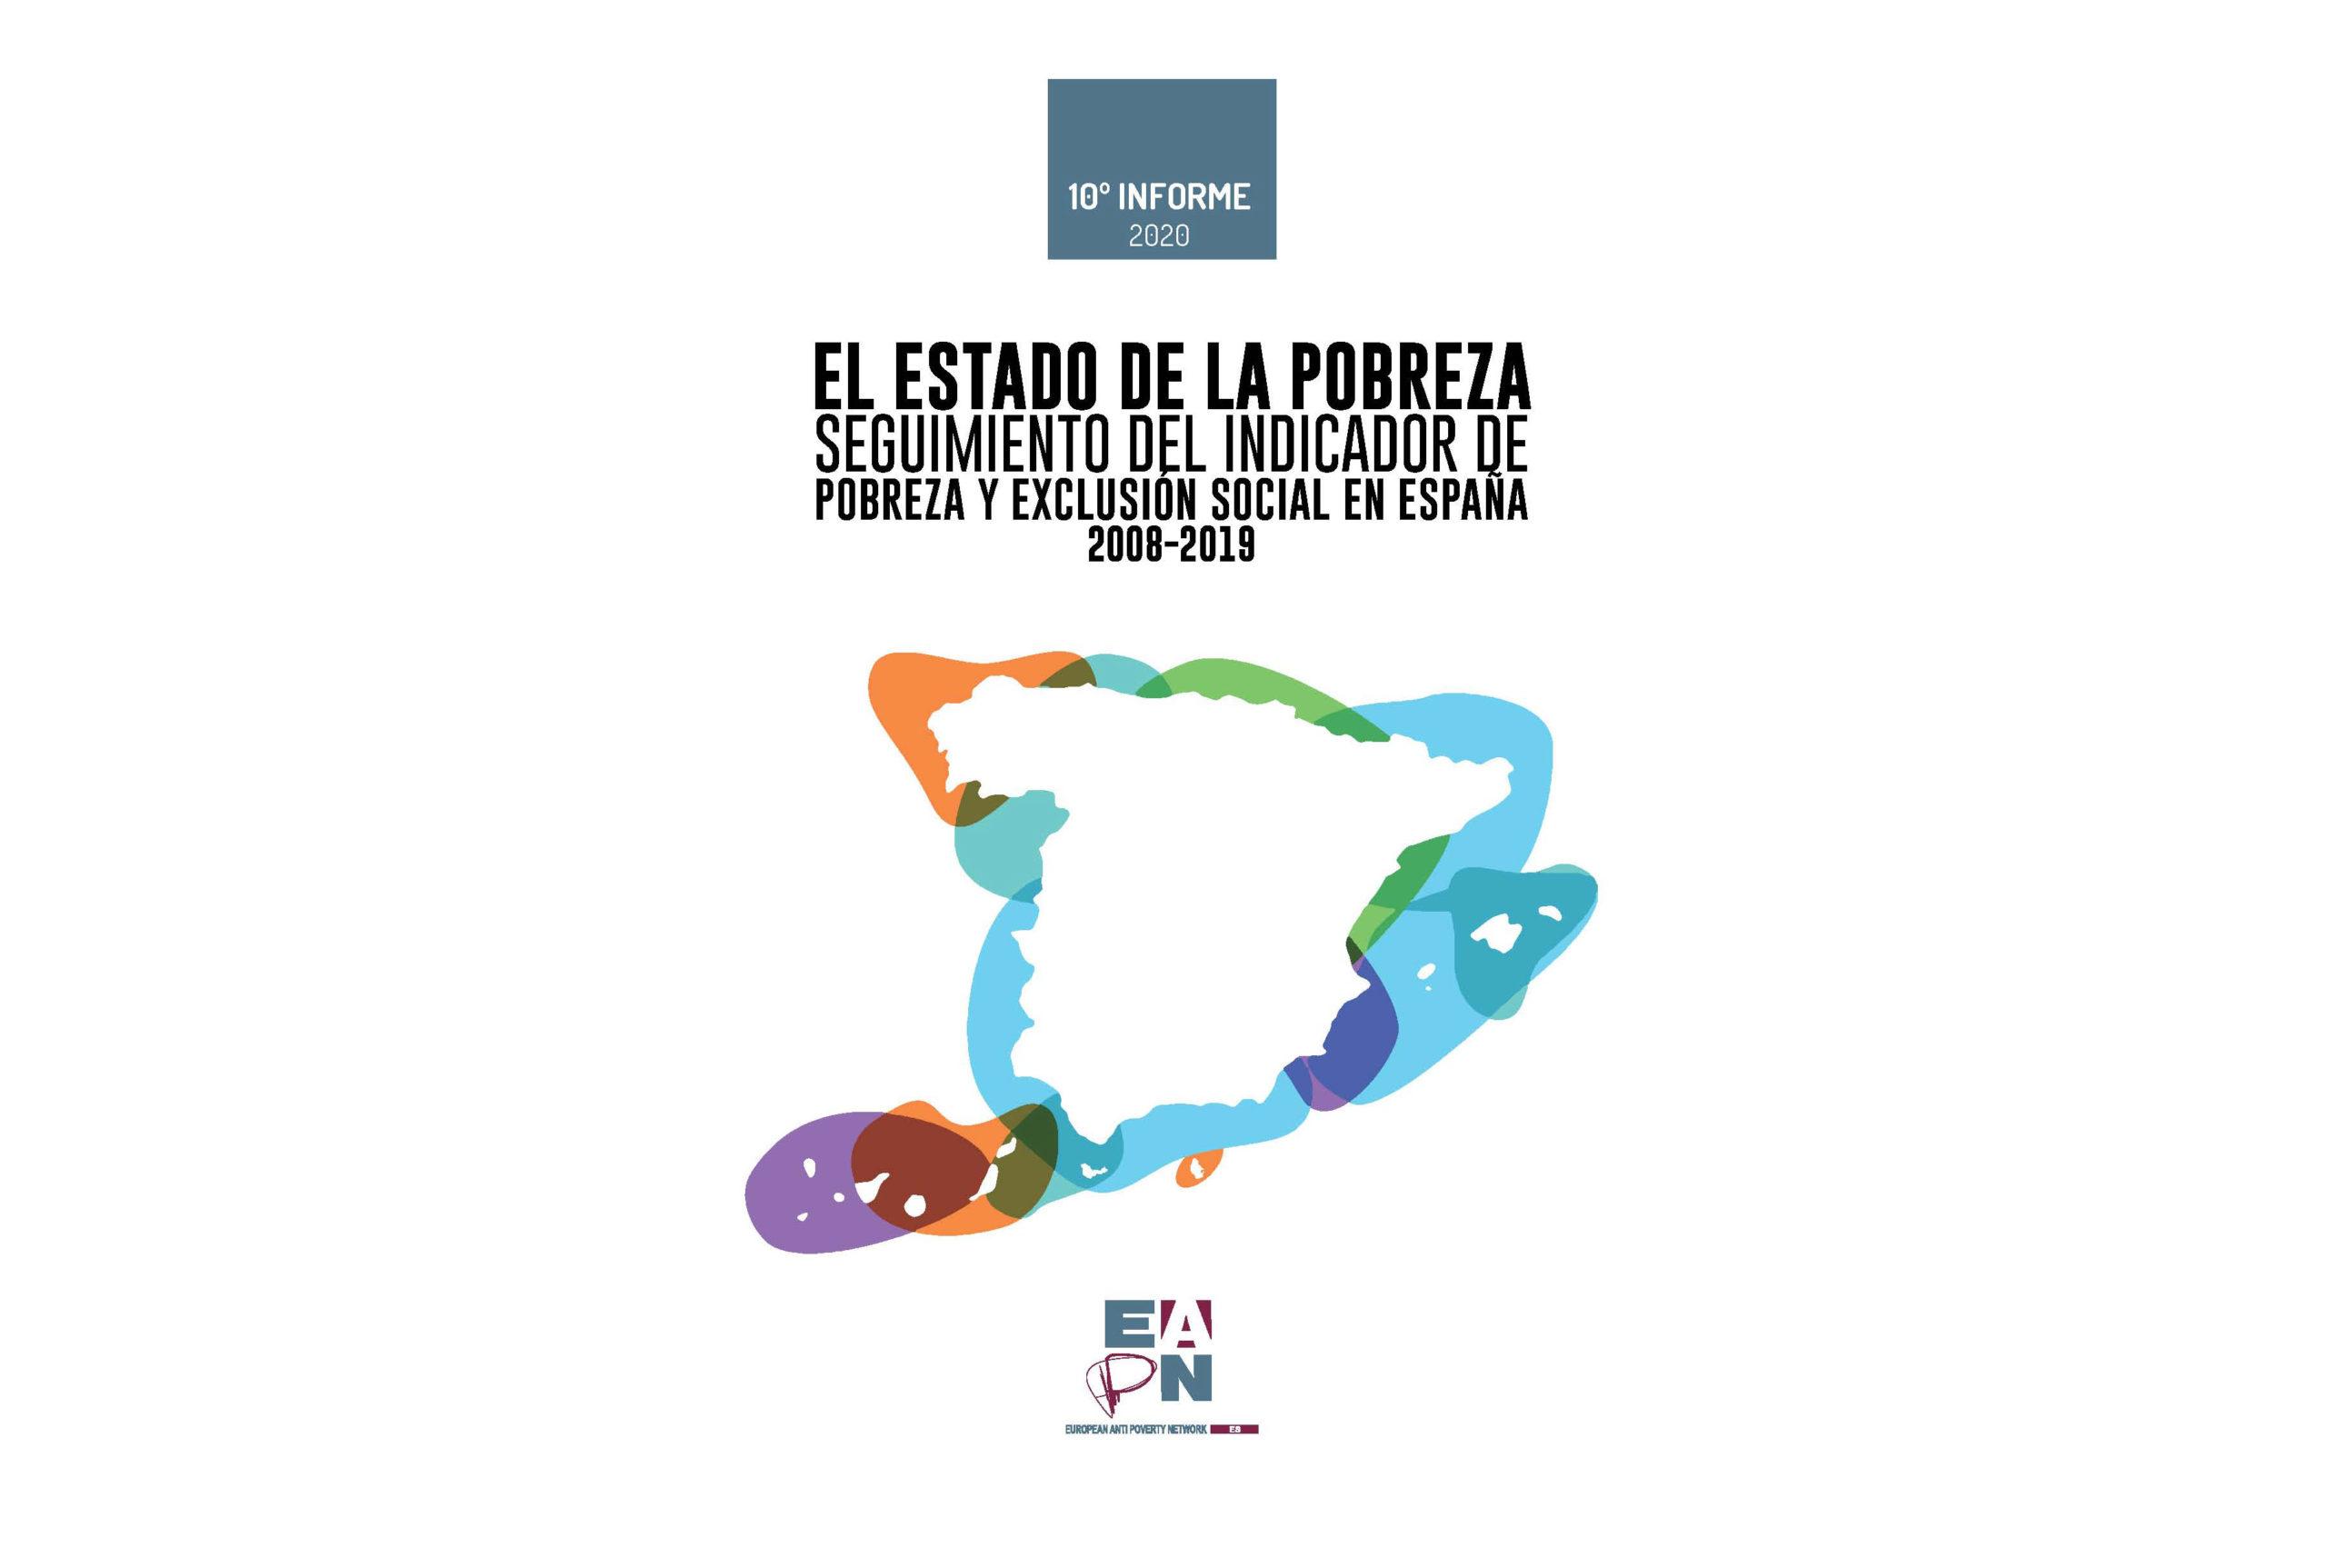 Se presenta el X Informe sobre El Estado de la Pobreza